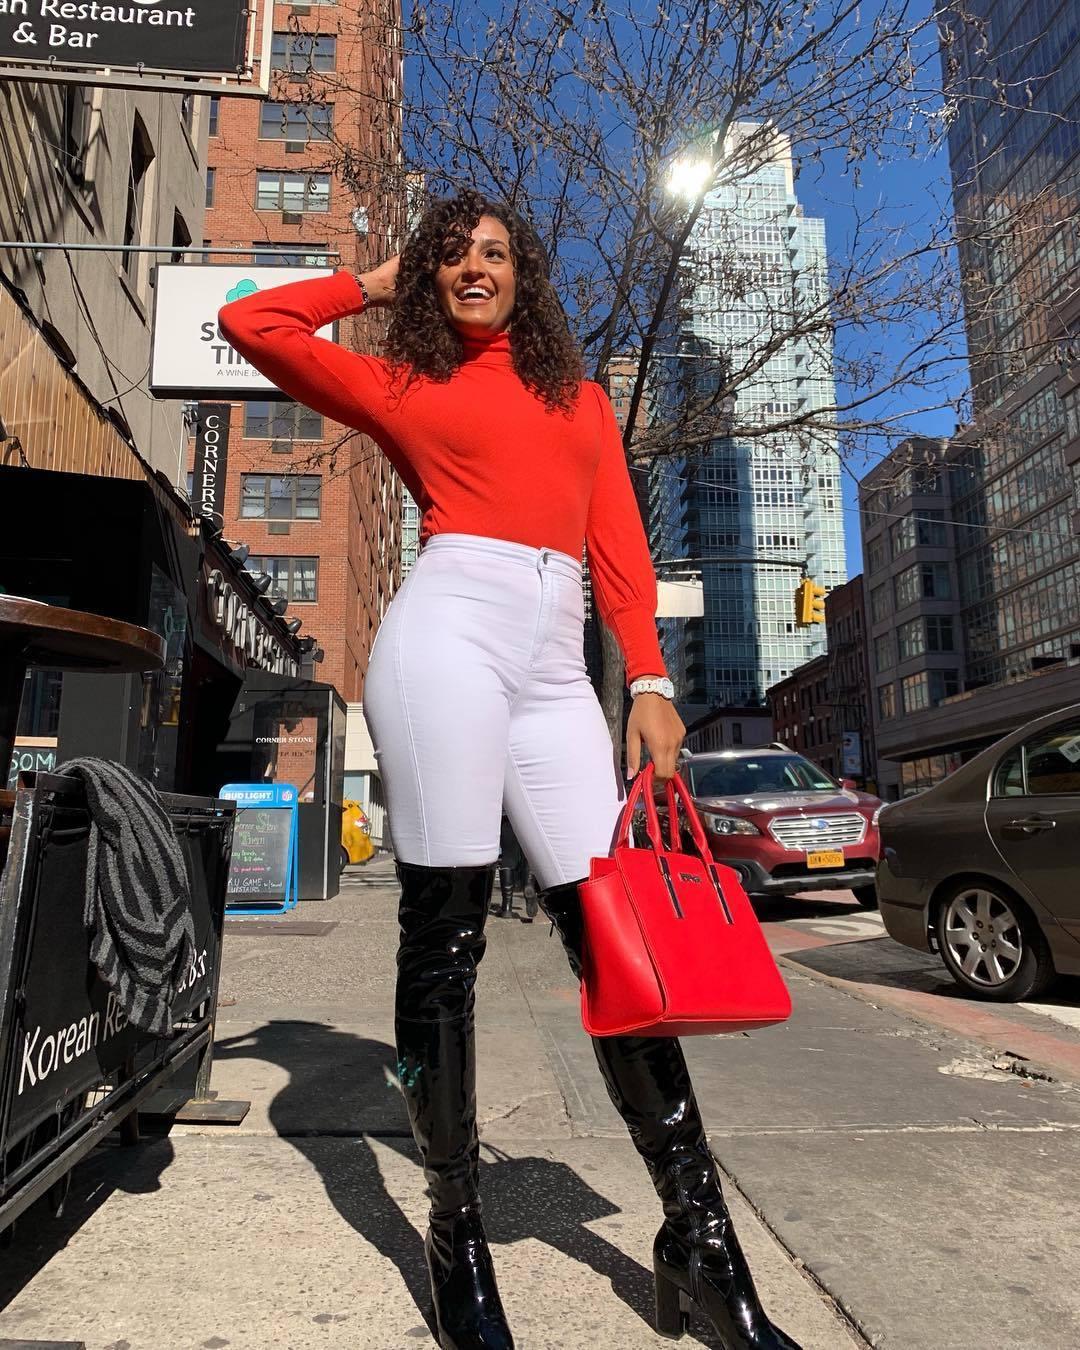 jolisa copeman, miss delaware 2019. - Página 2 51492580_1000163586846435_8259830352475561543_n